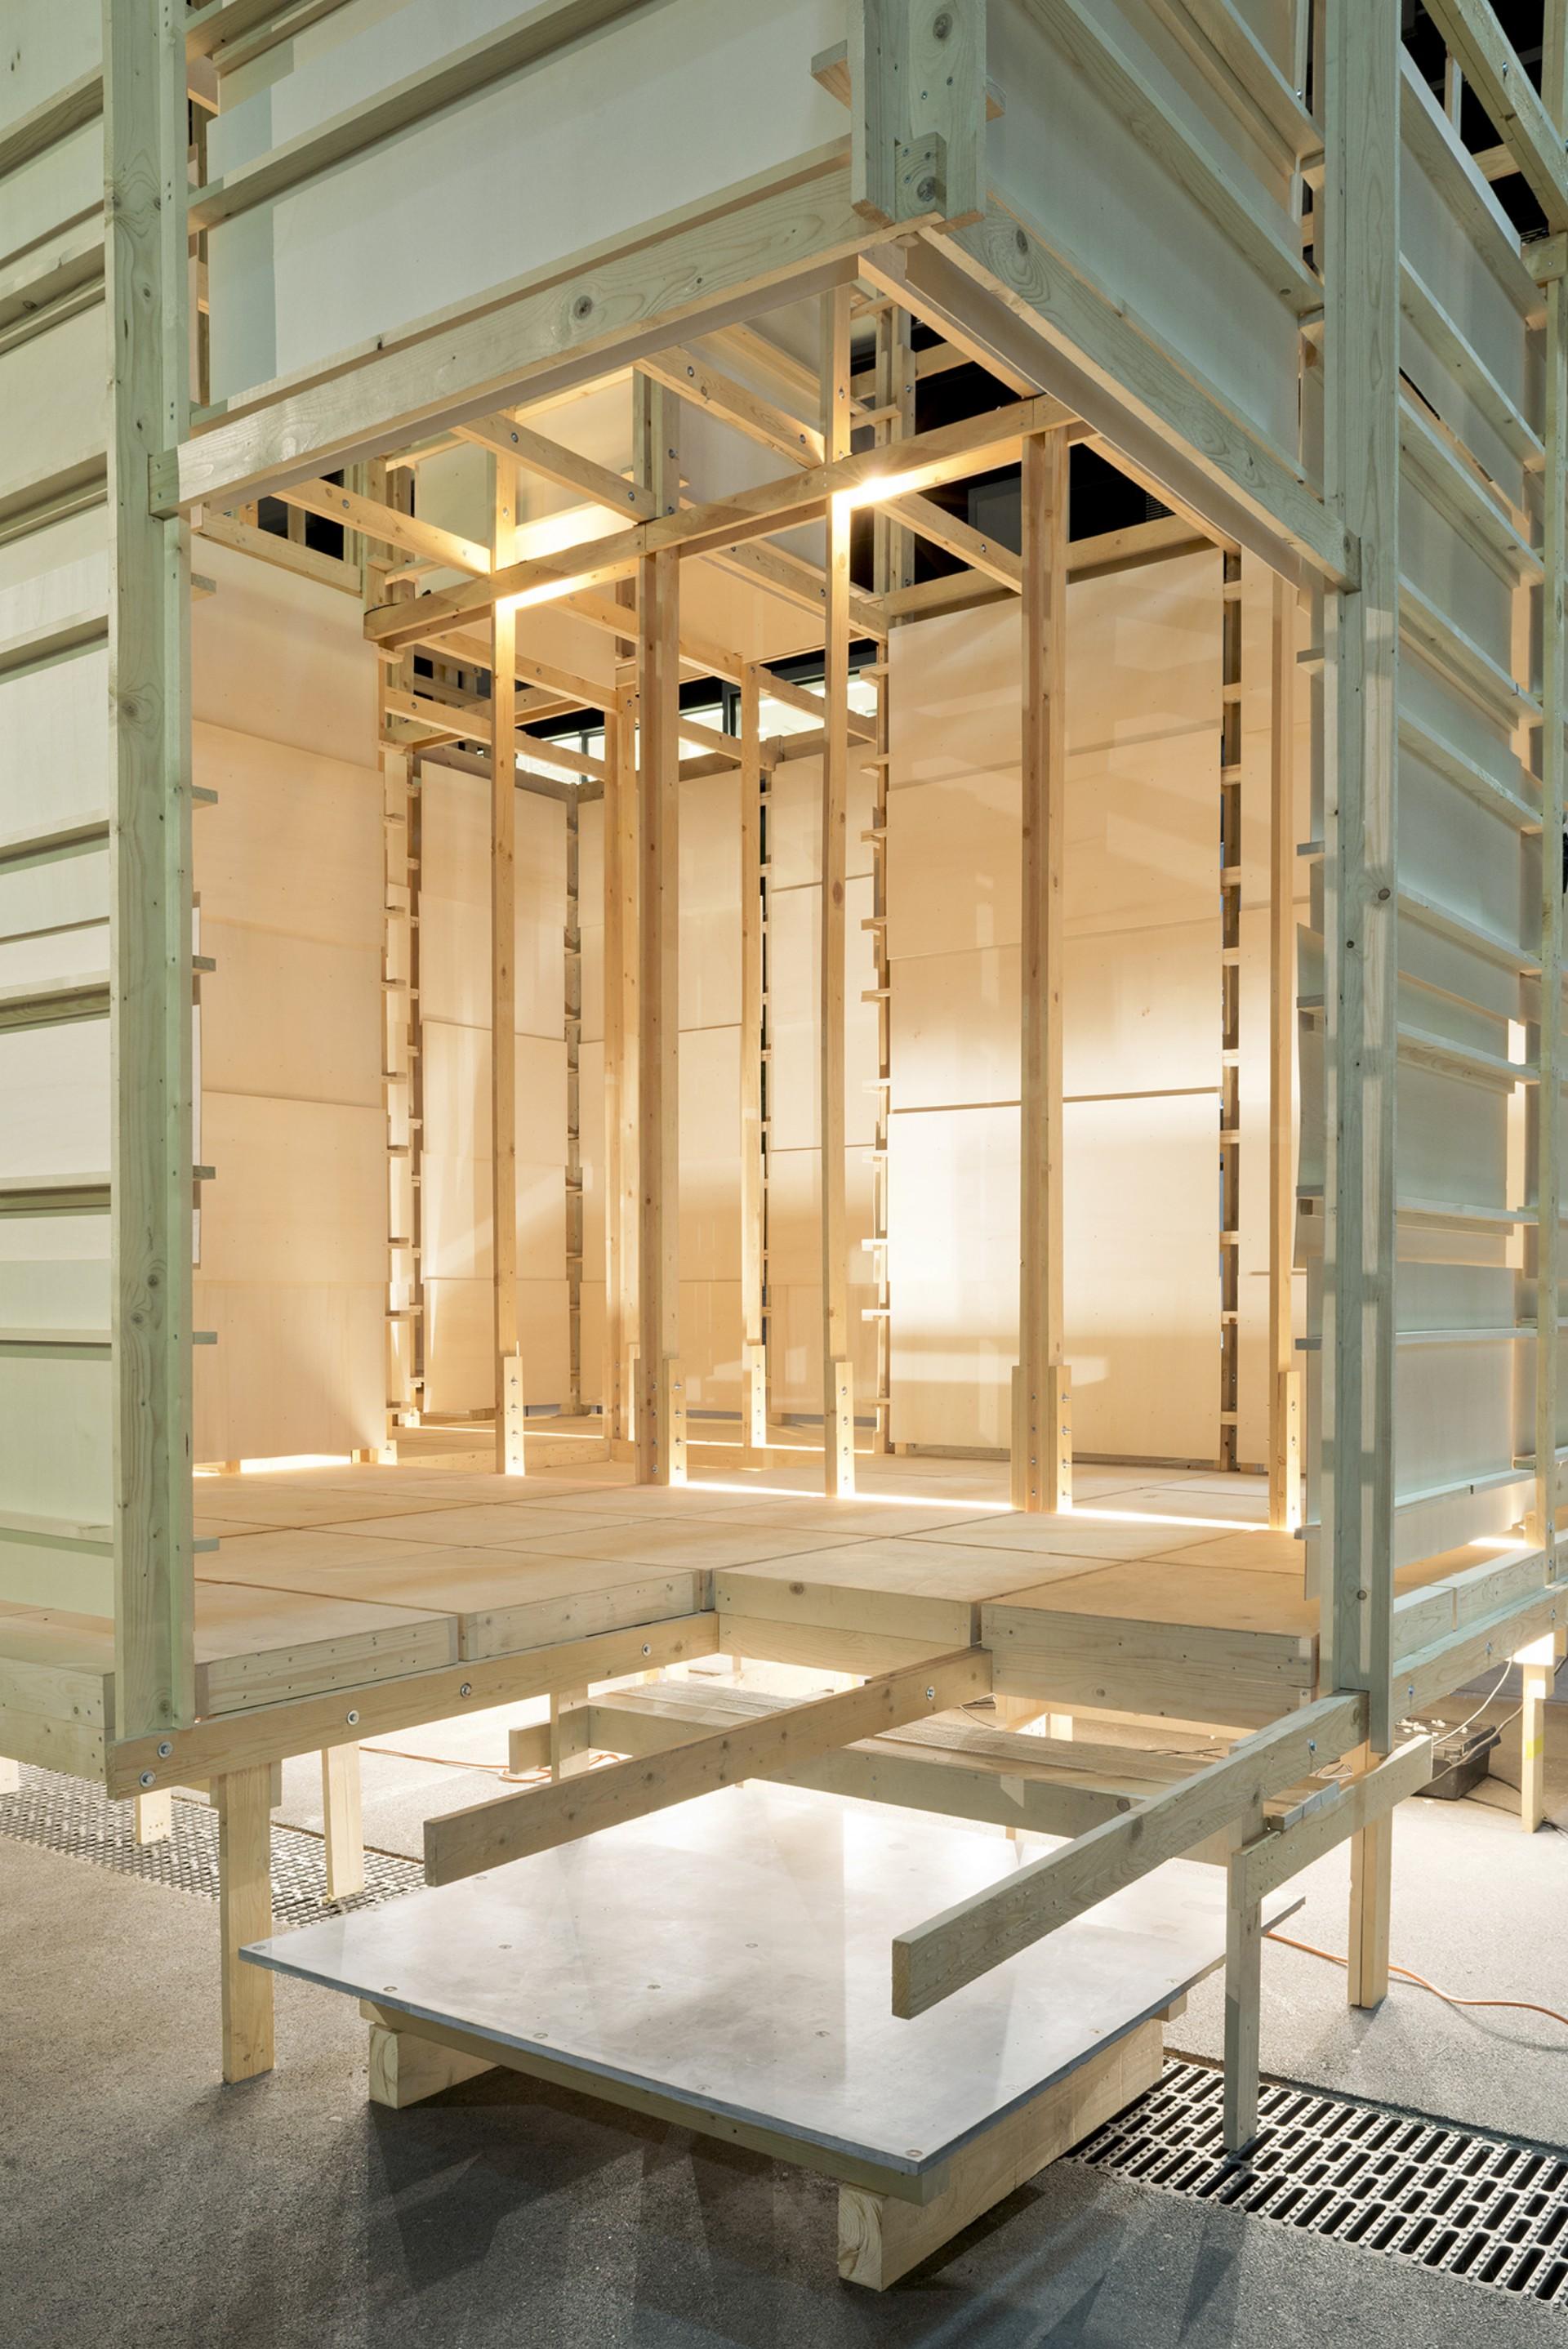 Alice installazione House 2 - Counter City a Zurigo